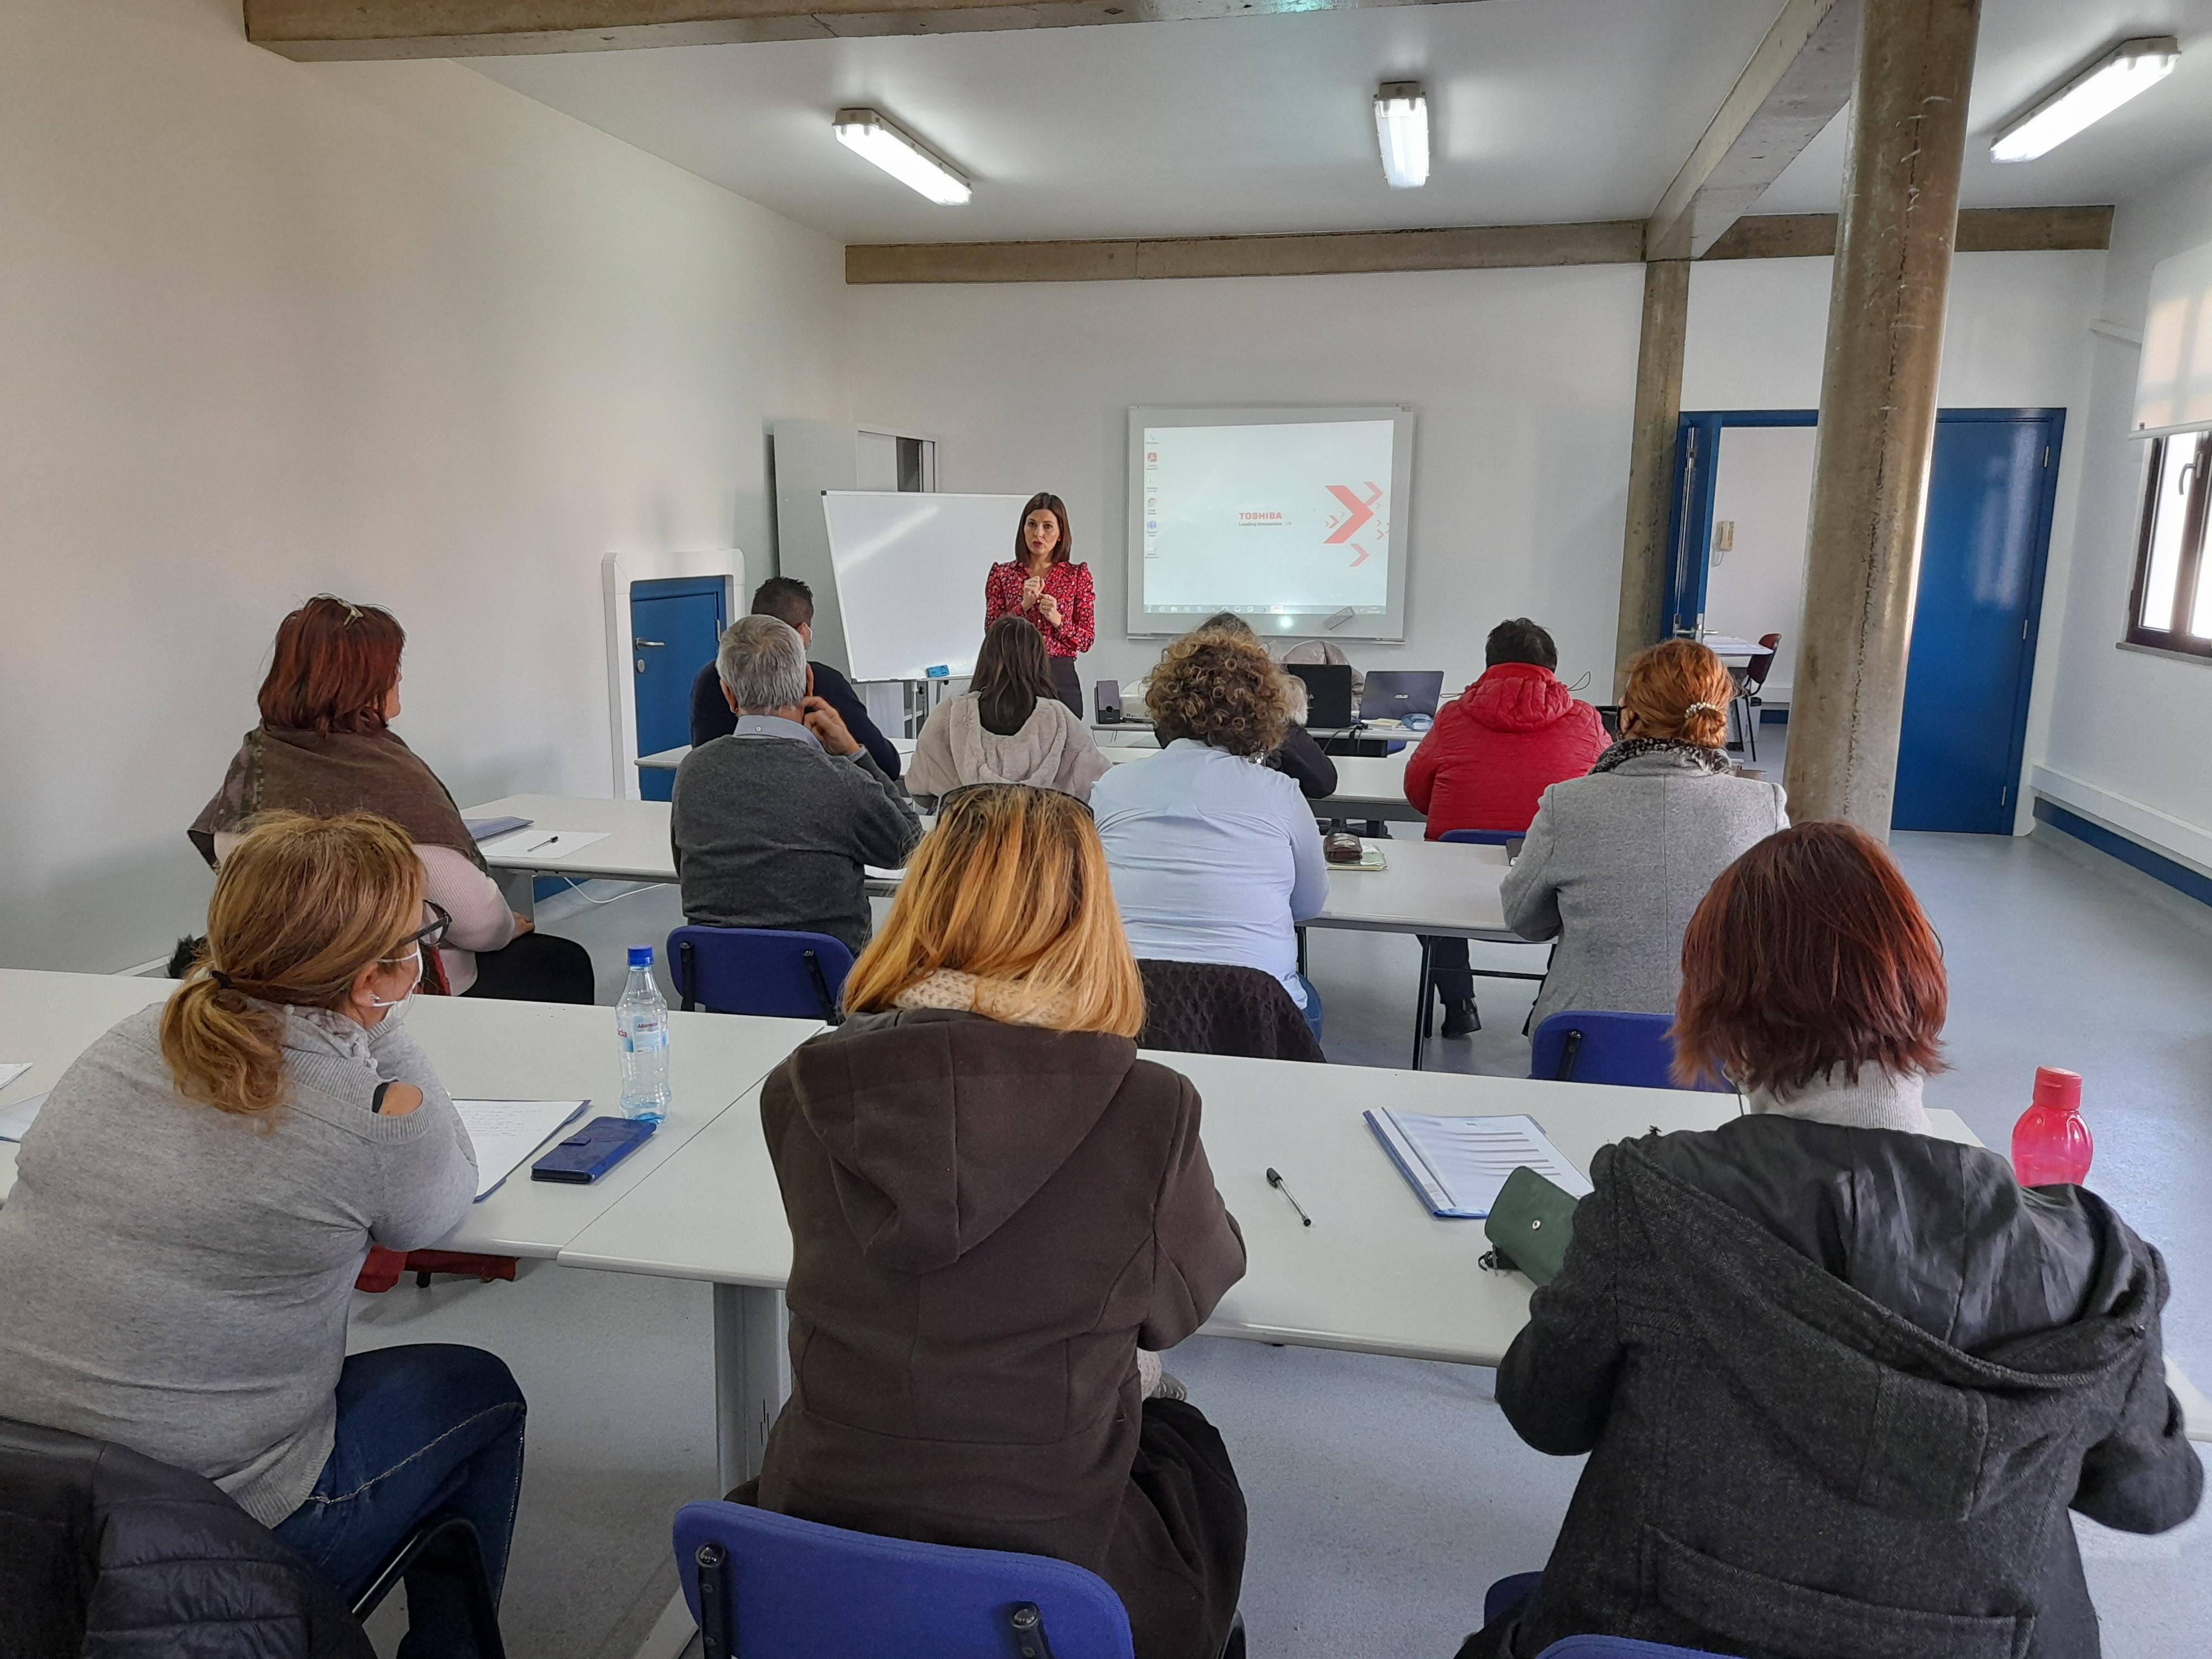 Ação de formação: A Excelência no Atendimento e no Relacionamento Interpessoal